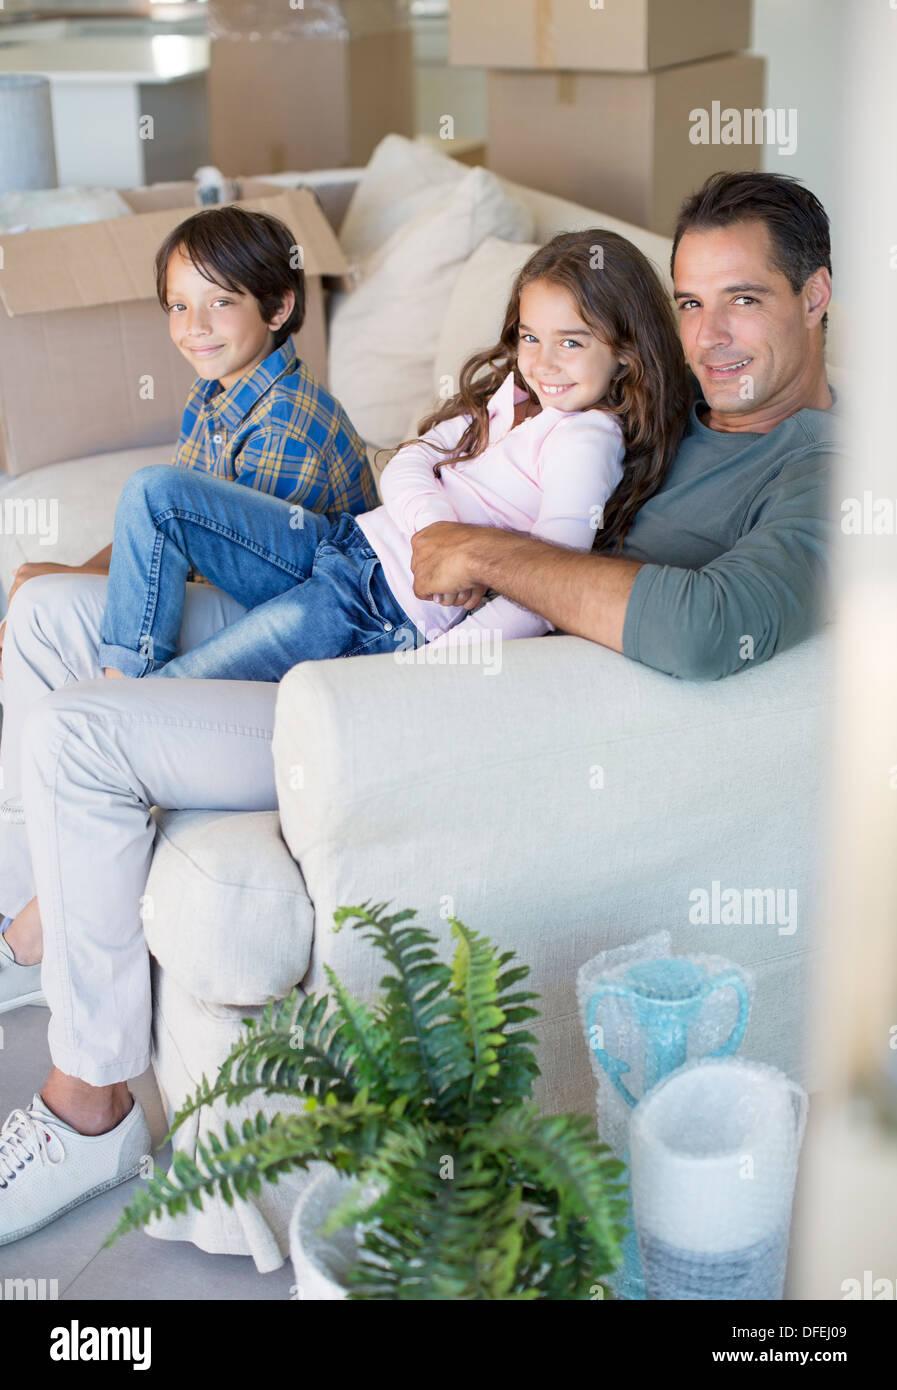 Vater und Kinder entspannend auf Sofa unter Kartons Stockfoto